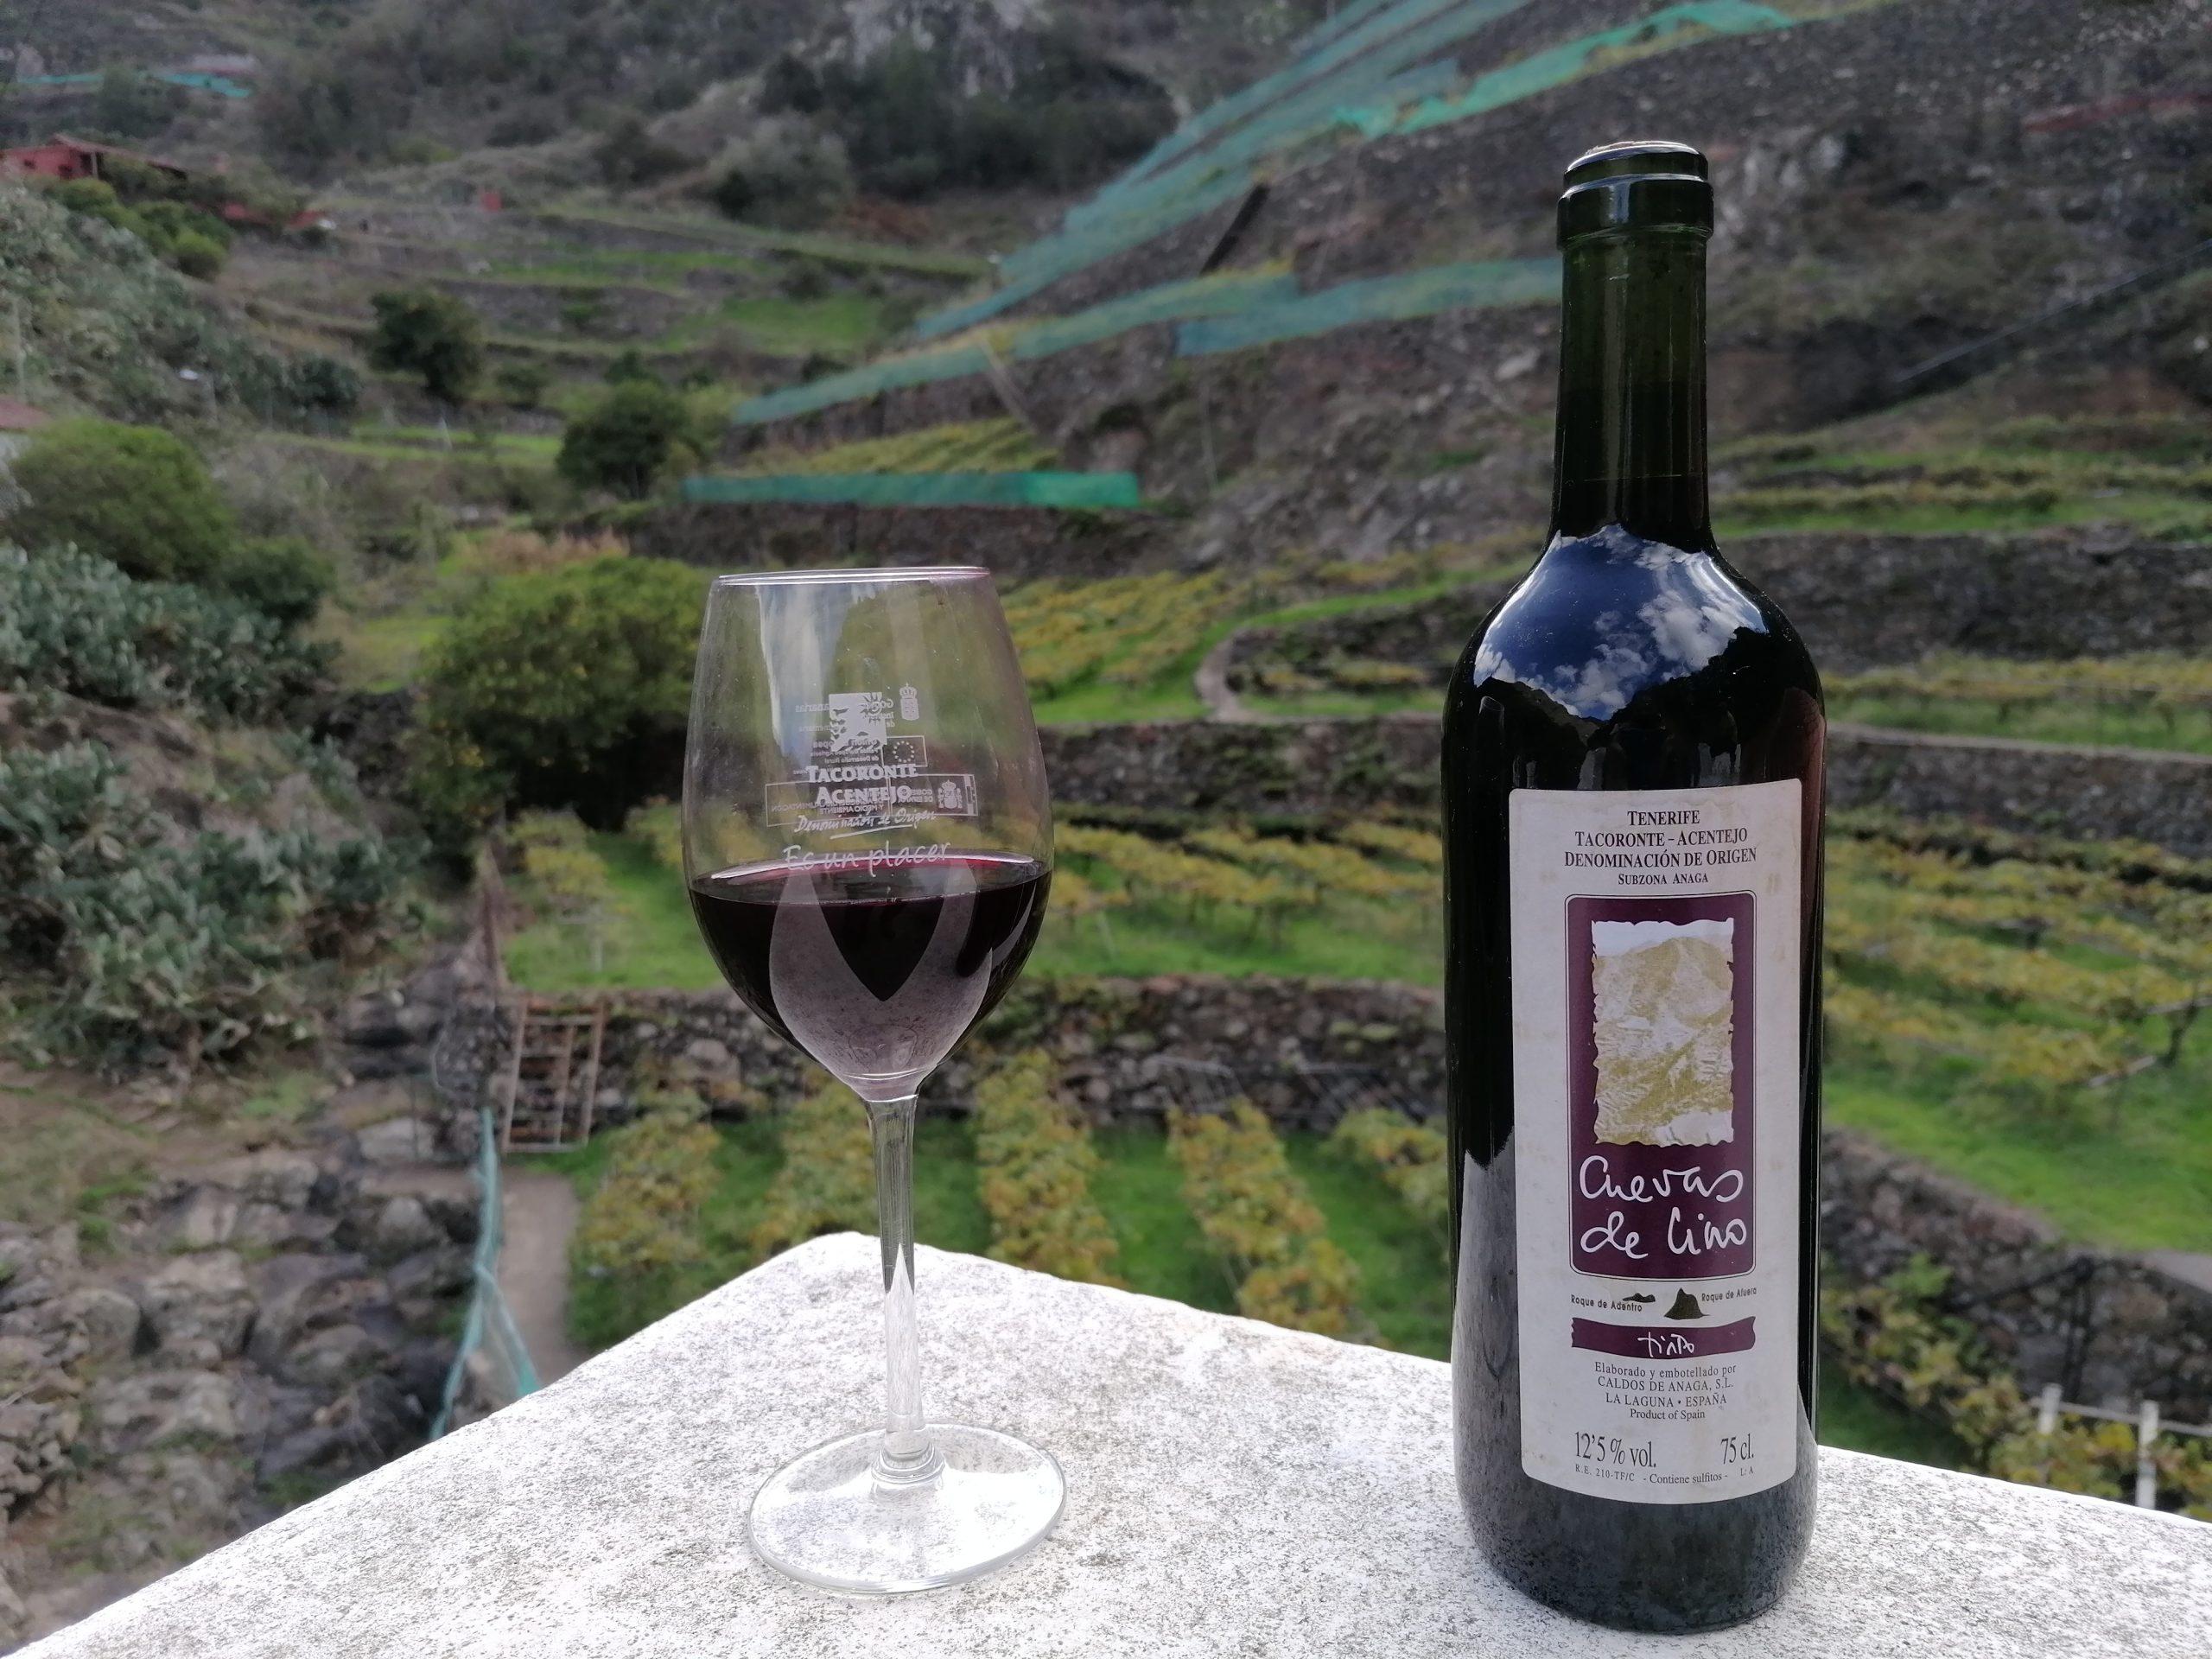 Cuevas de Lino 2020: El placer de los pequeños grandes vinos